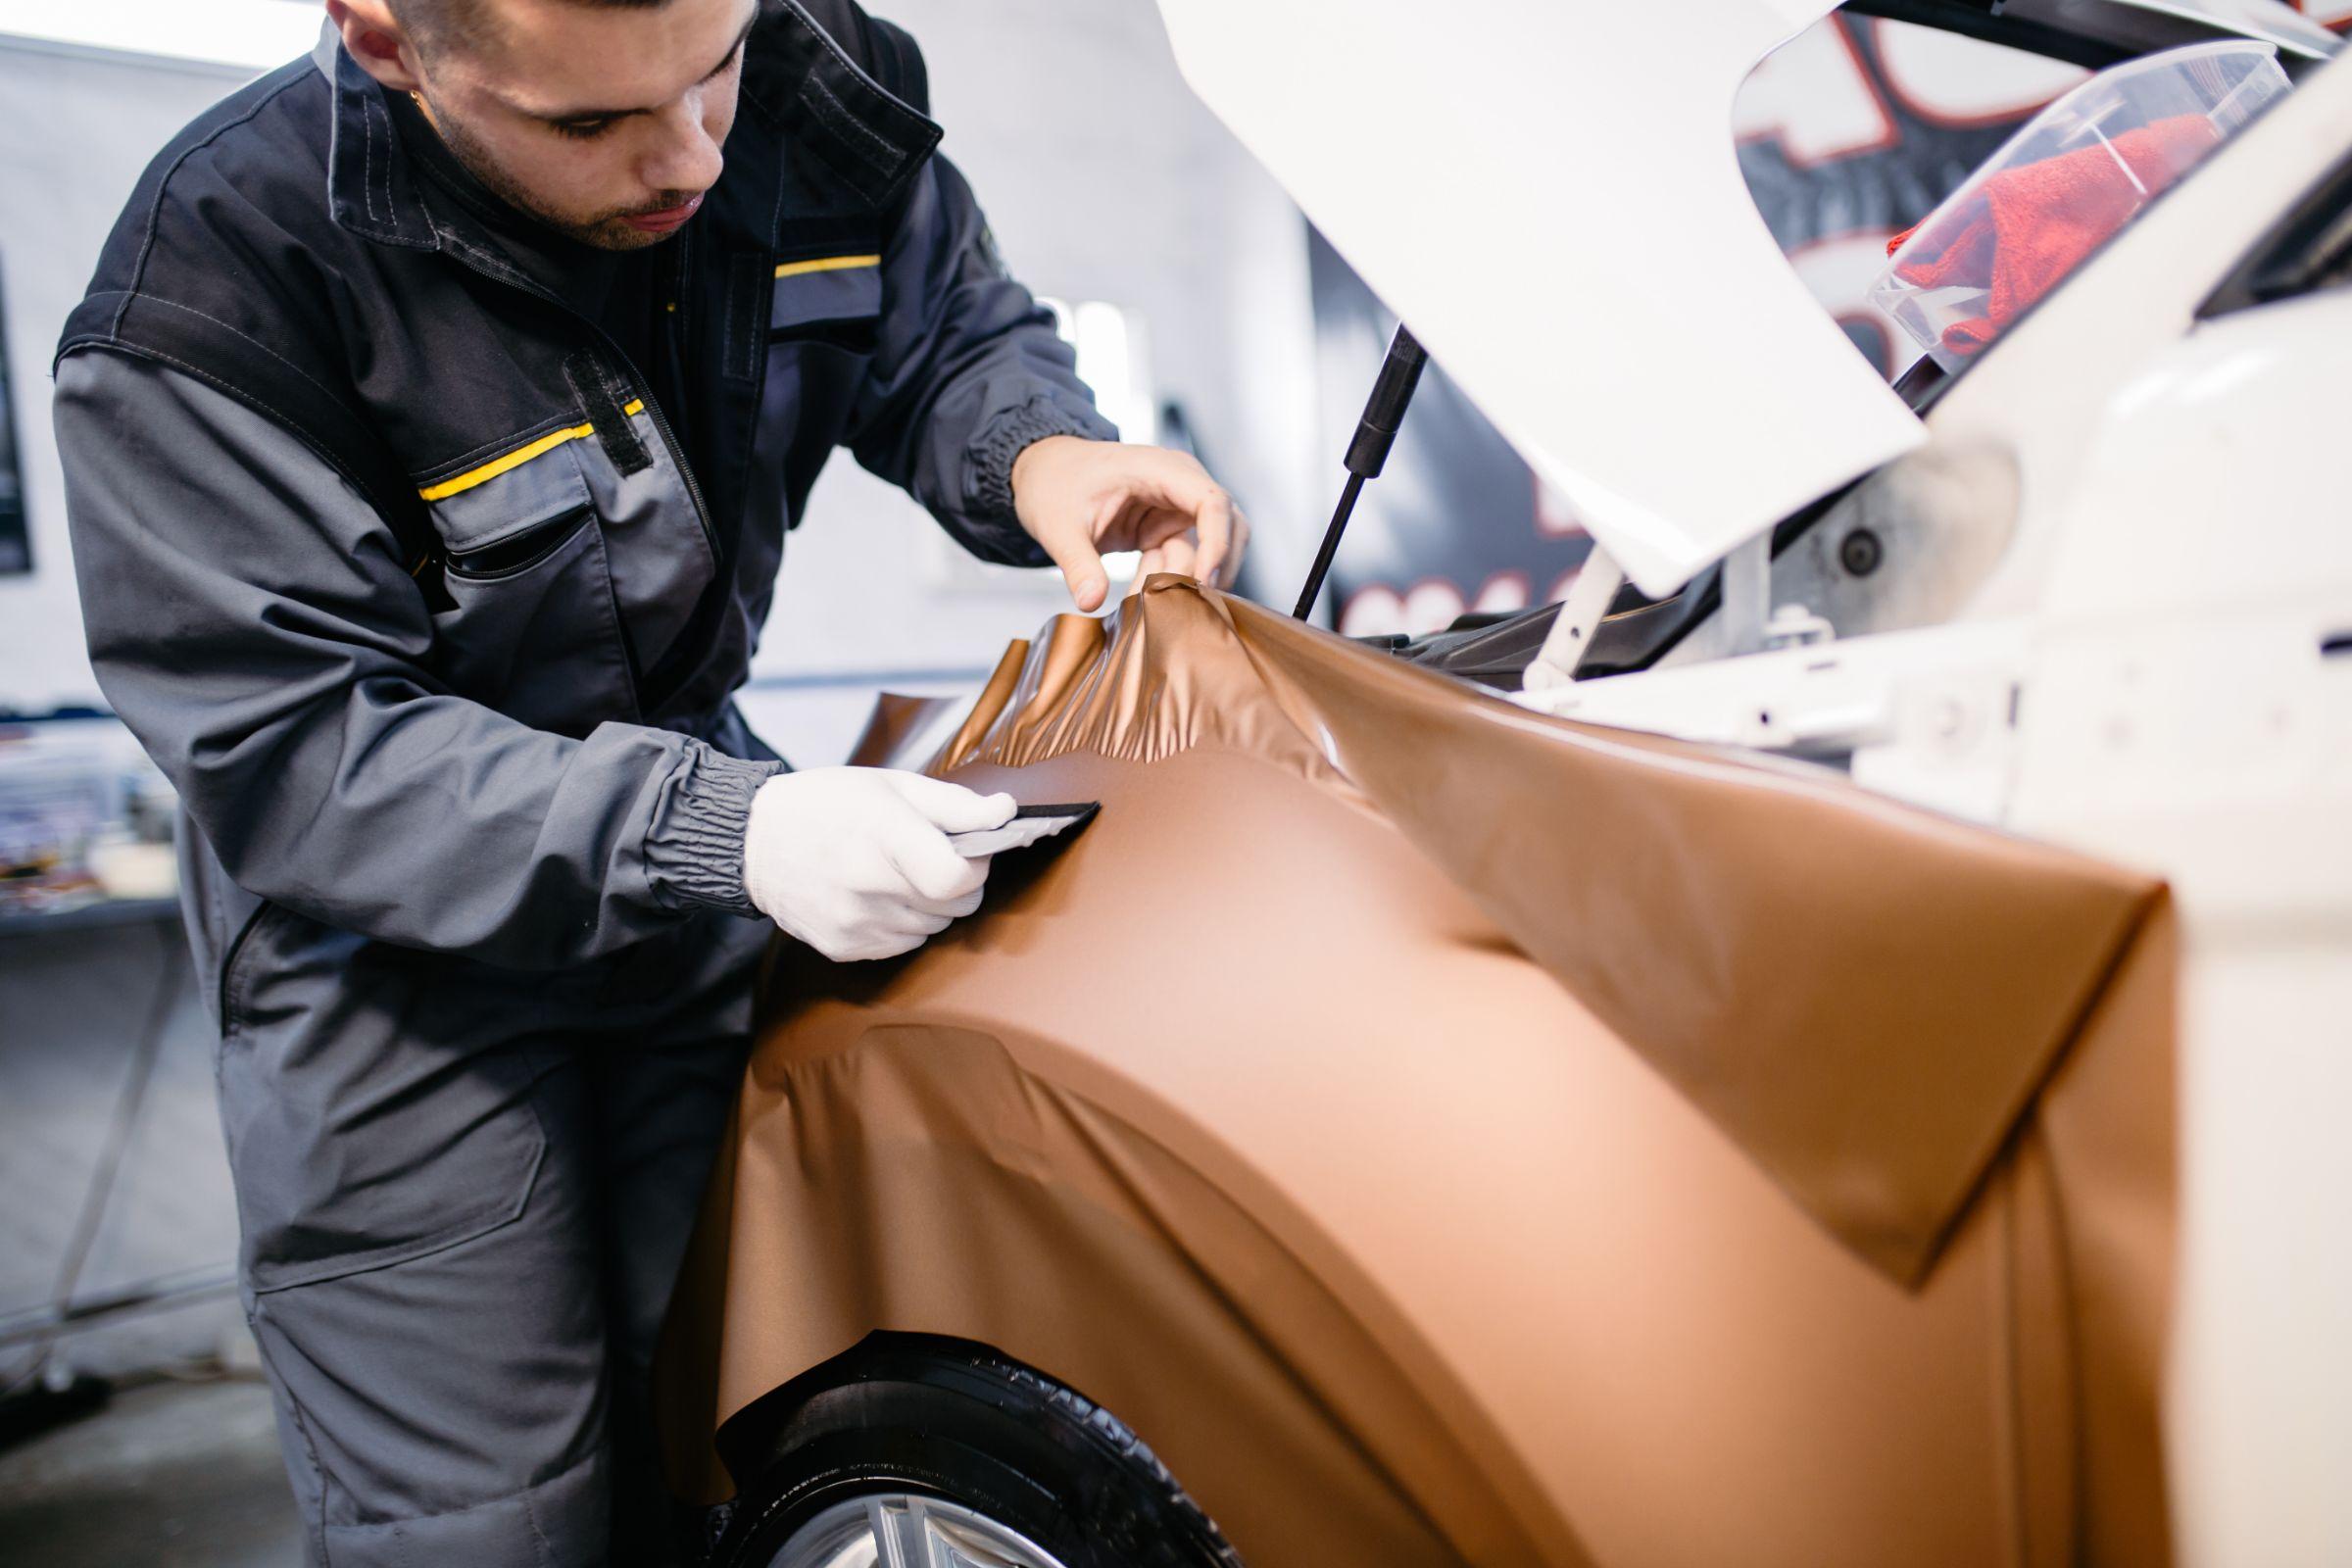 homem envelopa carro branco com adesivo dourado